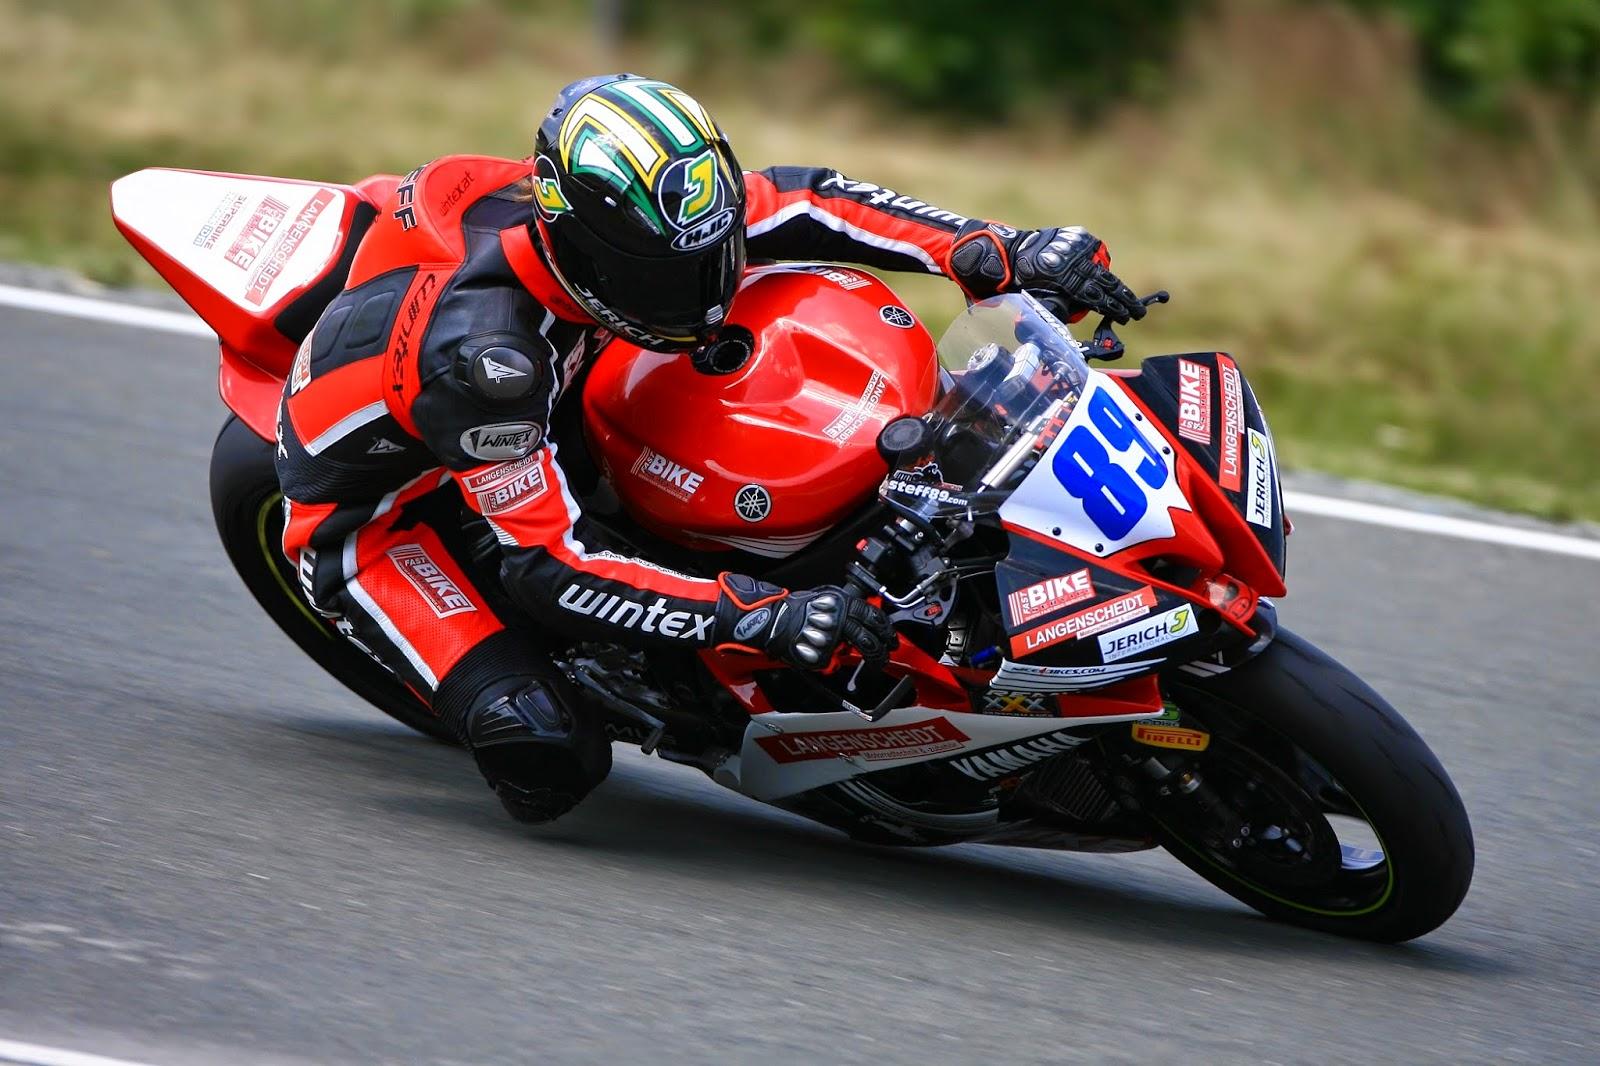 PM 0514_89 Stefan Kerschbaumer_Langenscheidt Racing by FBS